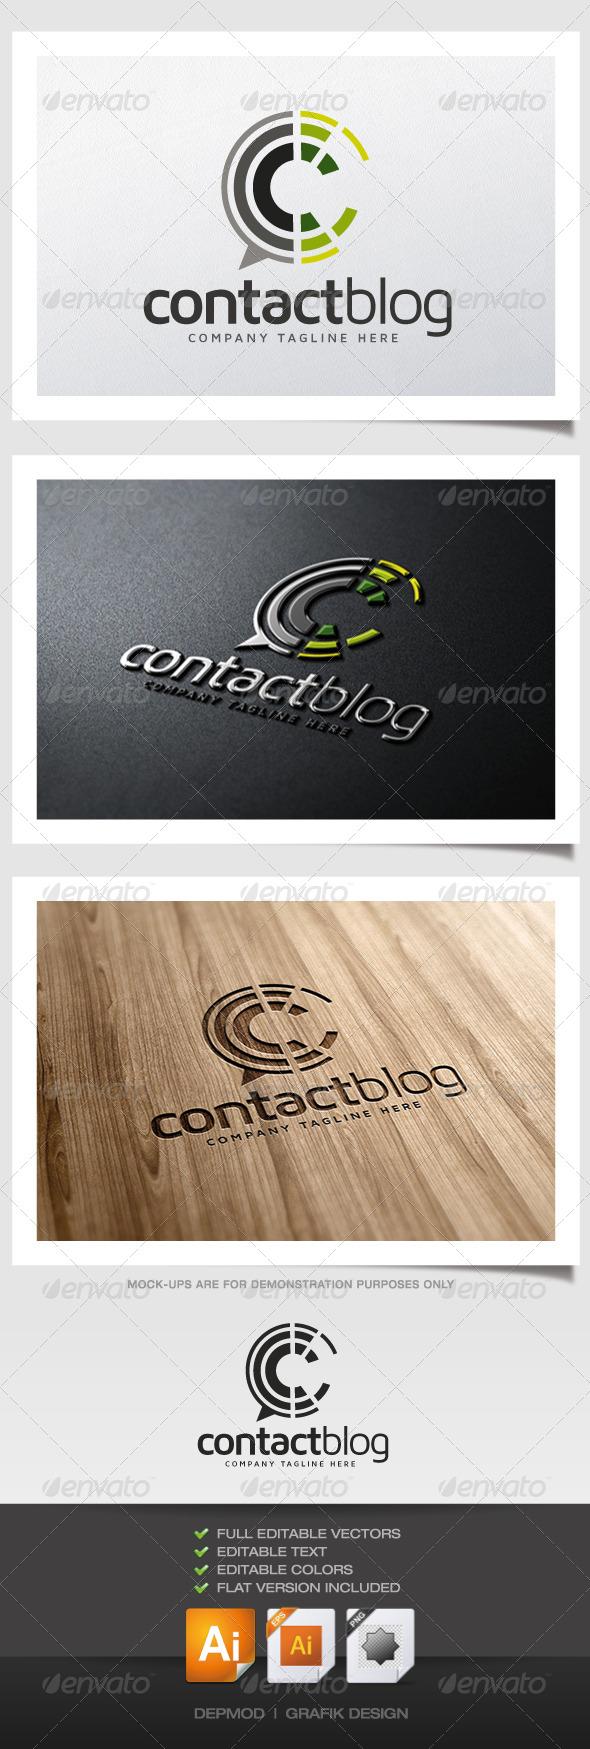 Contact Blog Logo - Abstract Logo Templates